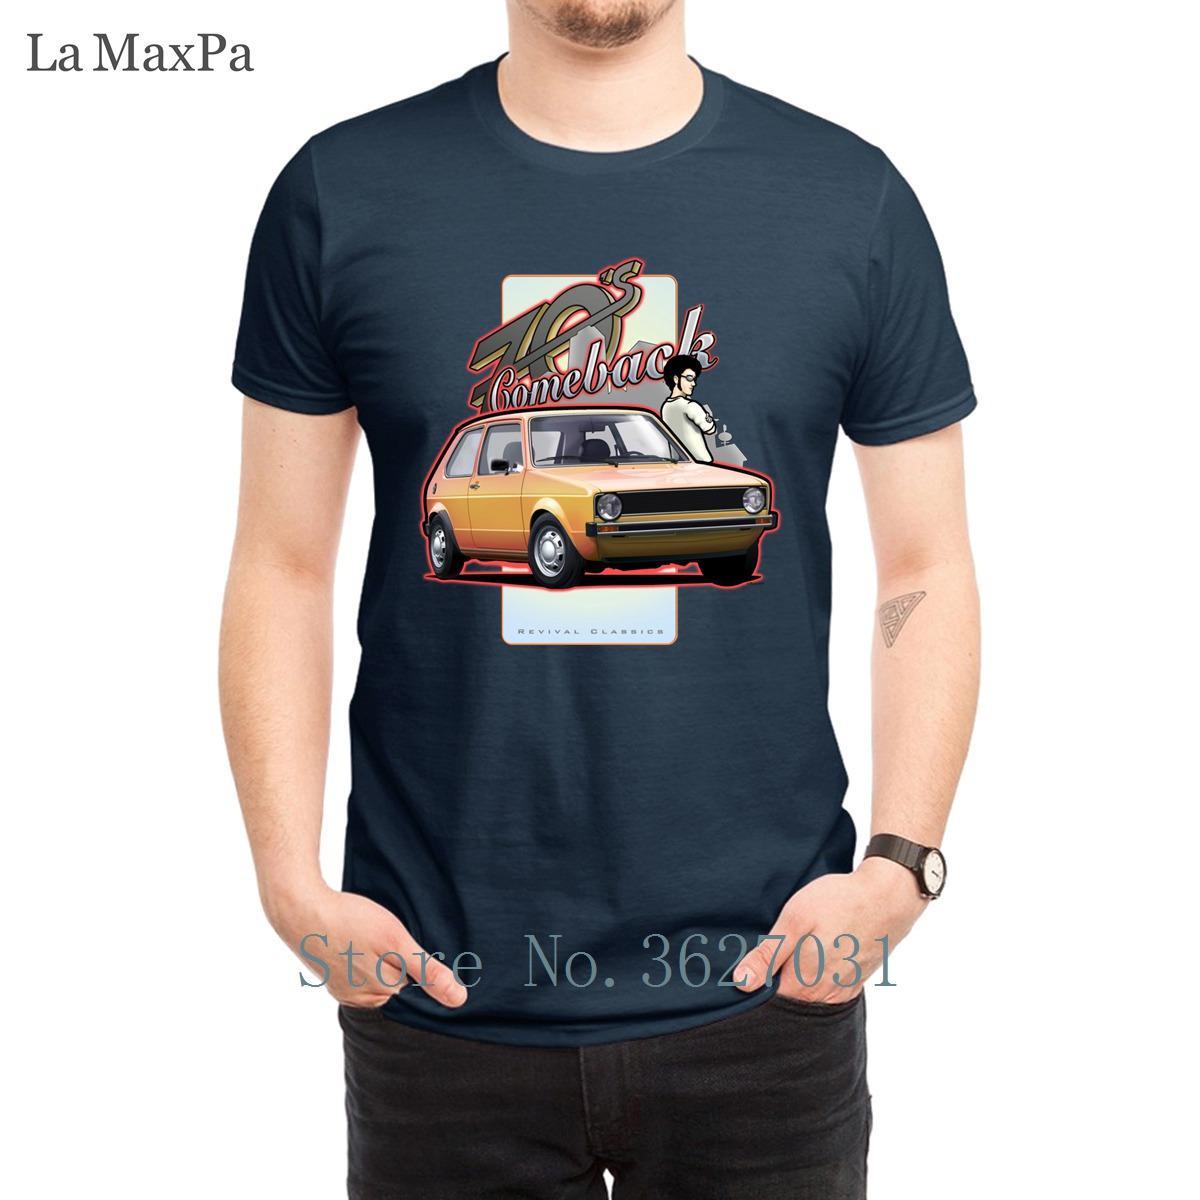 Crear vestuario Equipada Novelty T Shirt Comeback 70s camisetas de las mujeres para hombre del coche más nuevo más el tamaño 3XL camiseta para hombre de Hip Hop